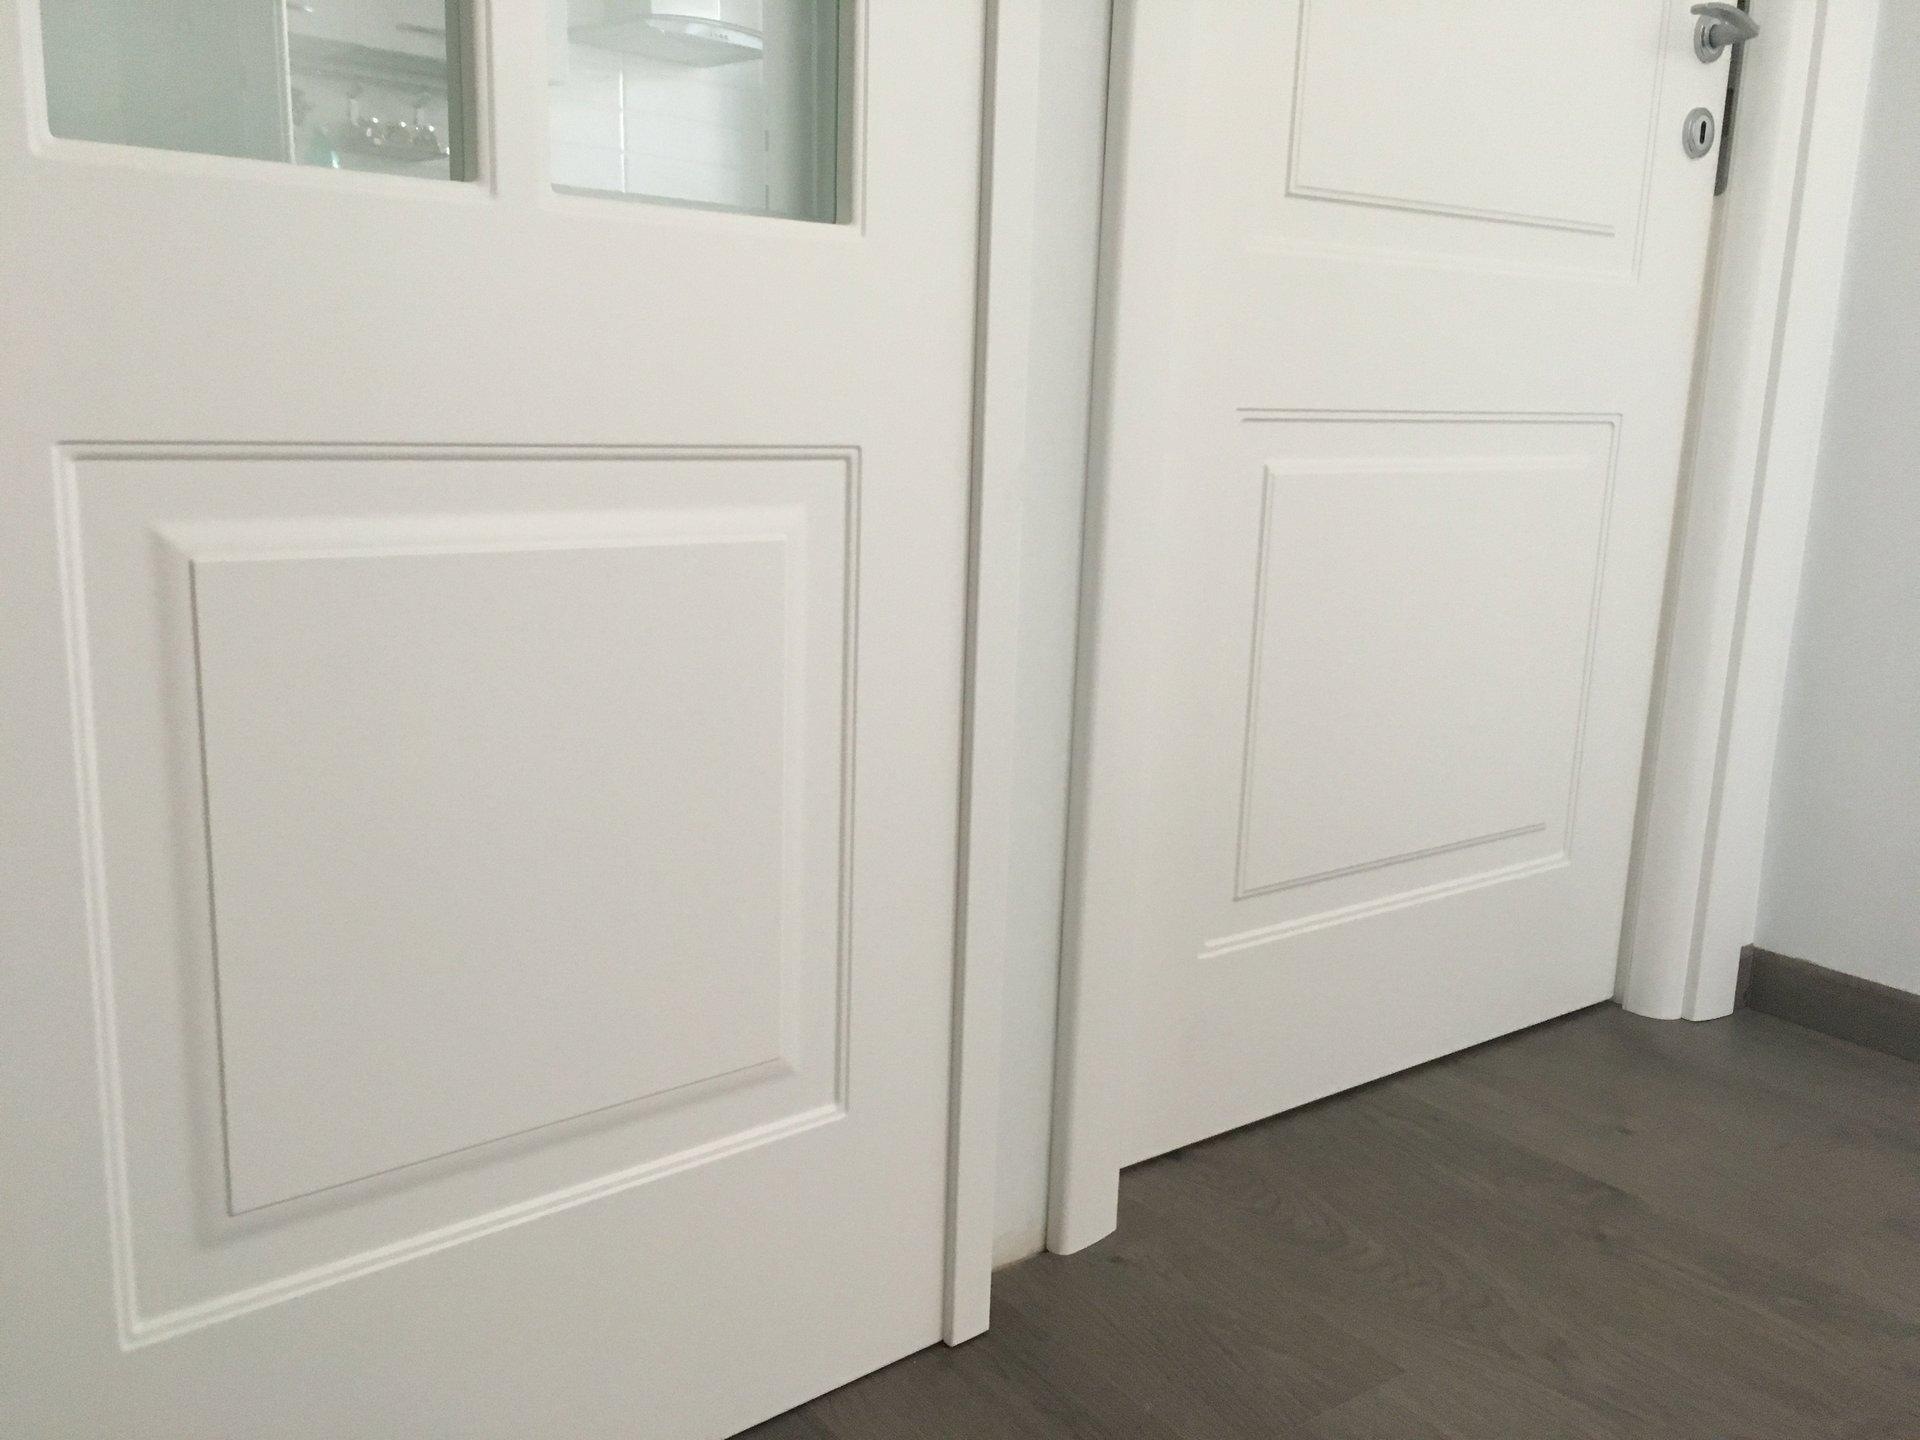 due porte bianche e una con vetro